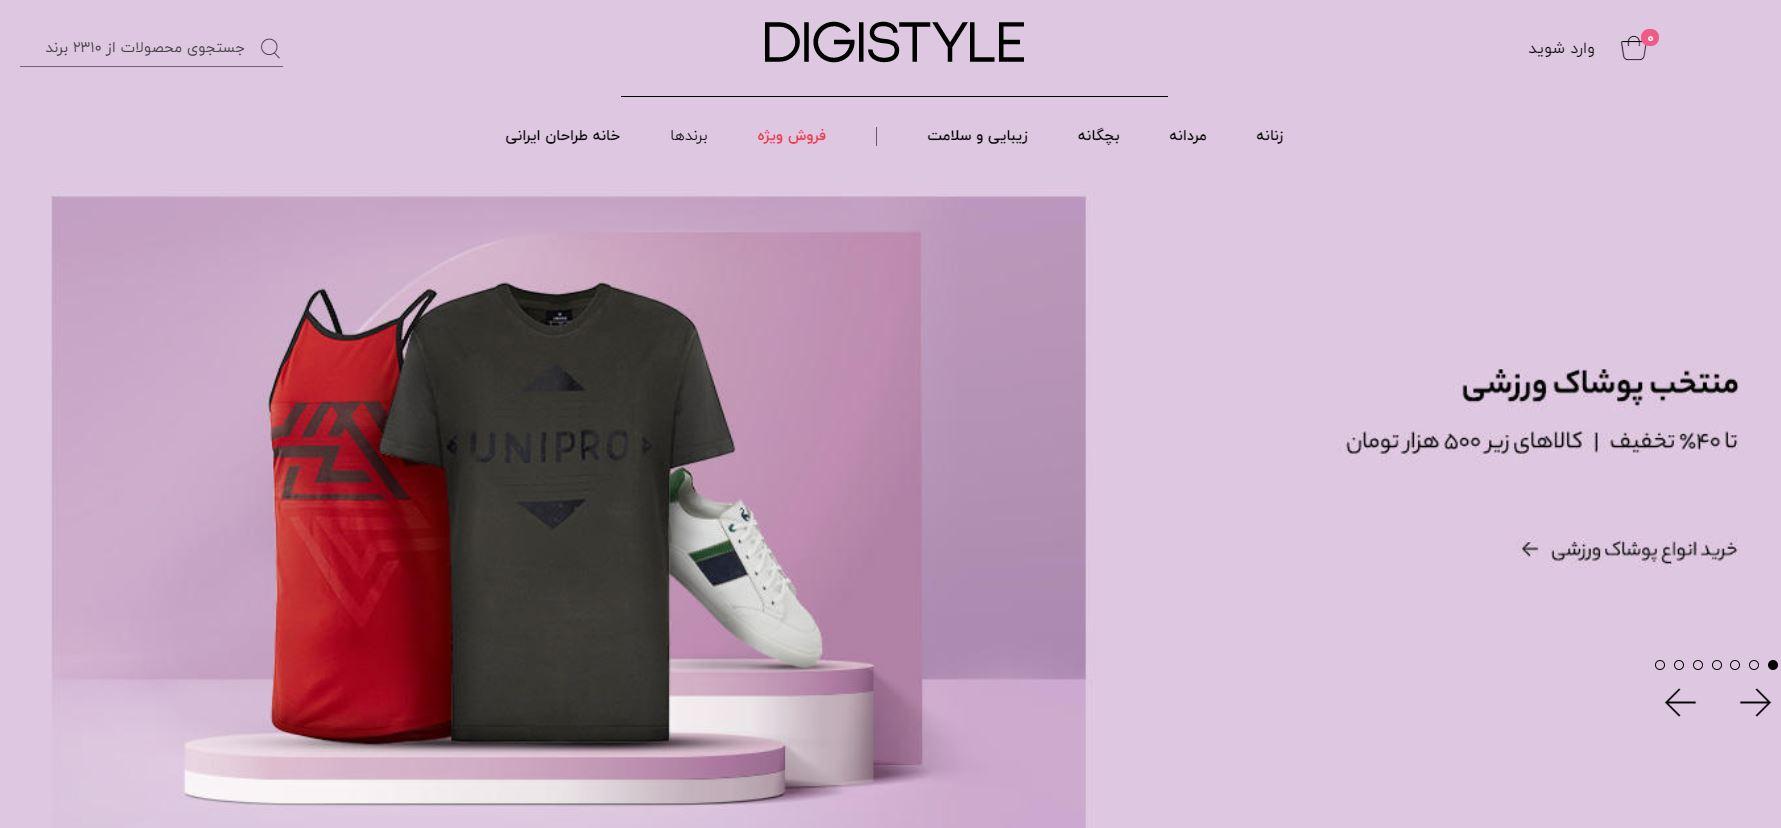 طراحی سایت مشابه دیجی استایل